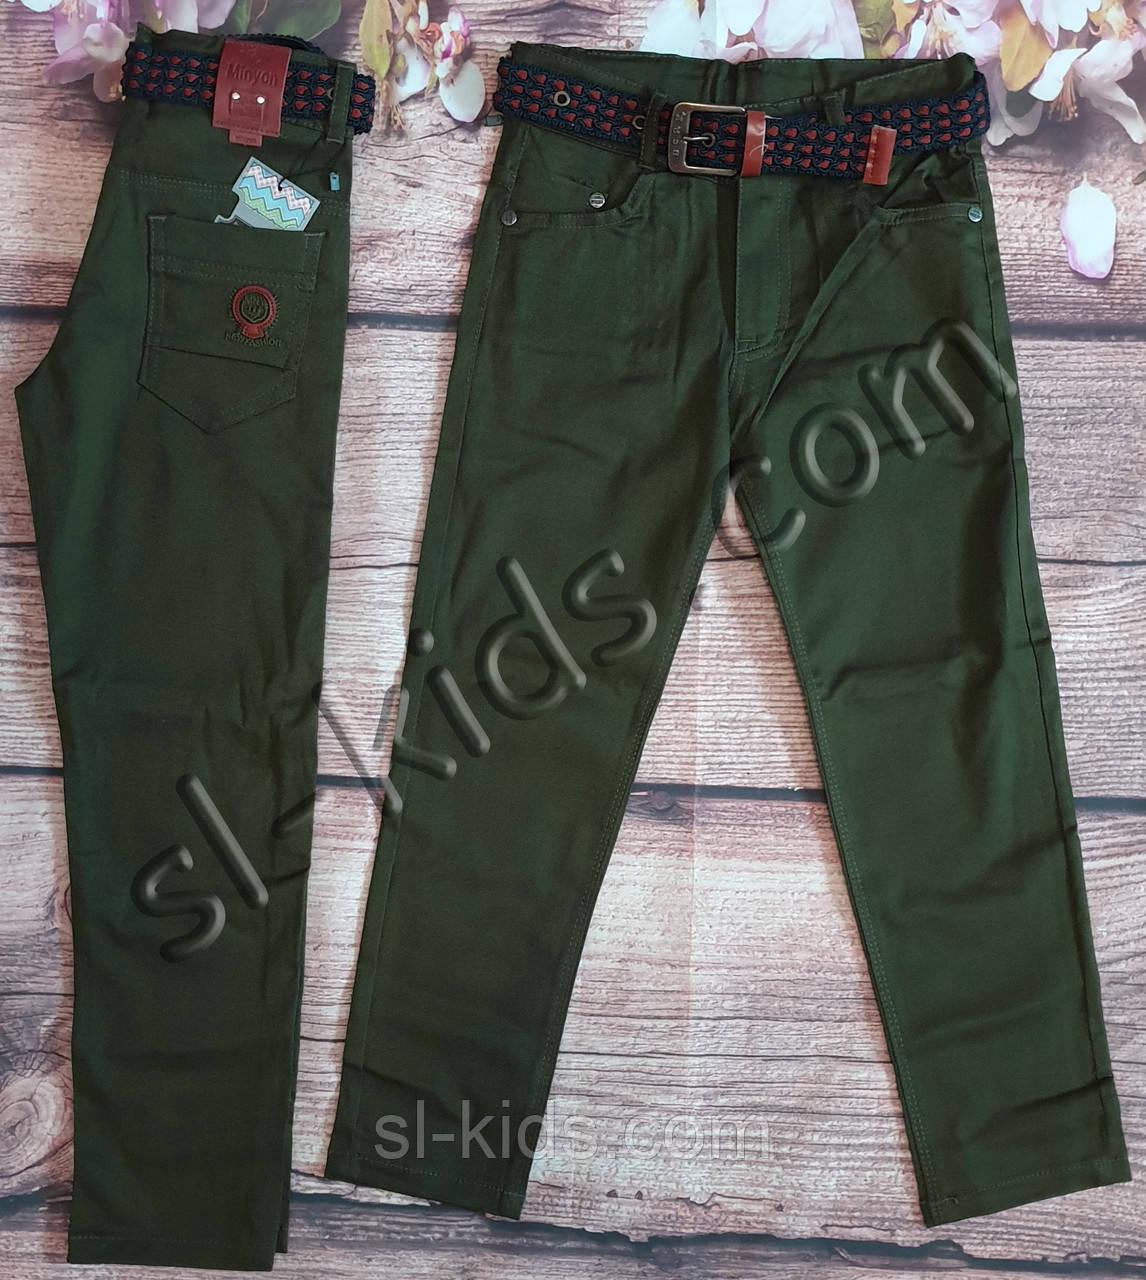 Яркие штаны, джинсы для мальчика 3-7 лет(хаки) розн пр.Турция